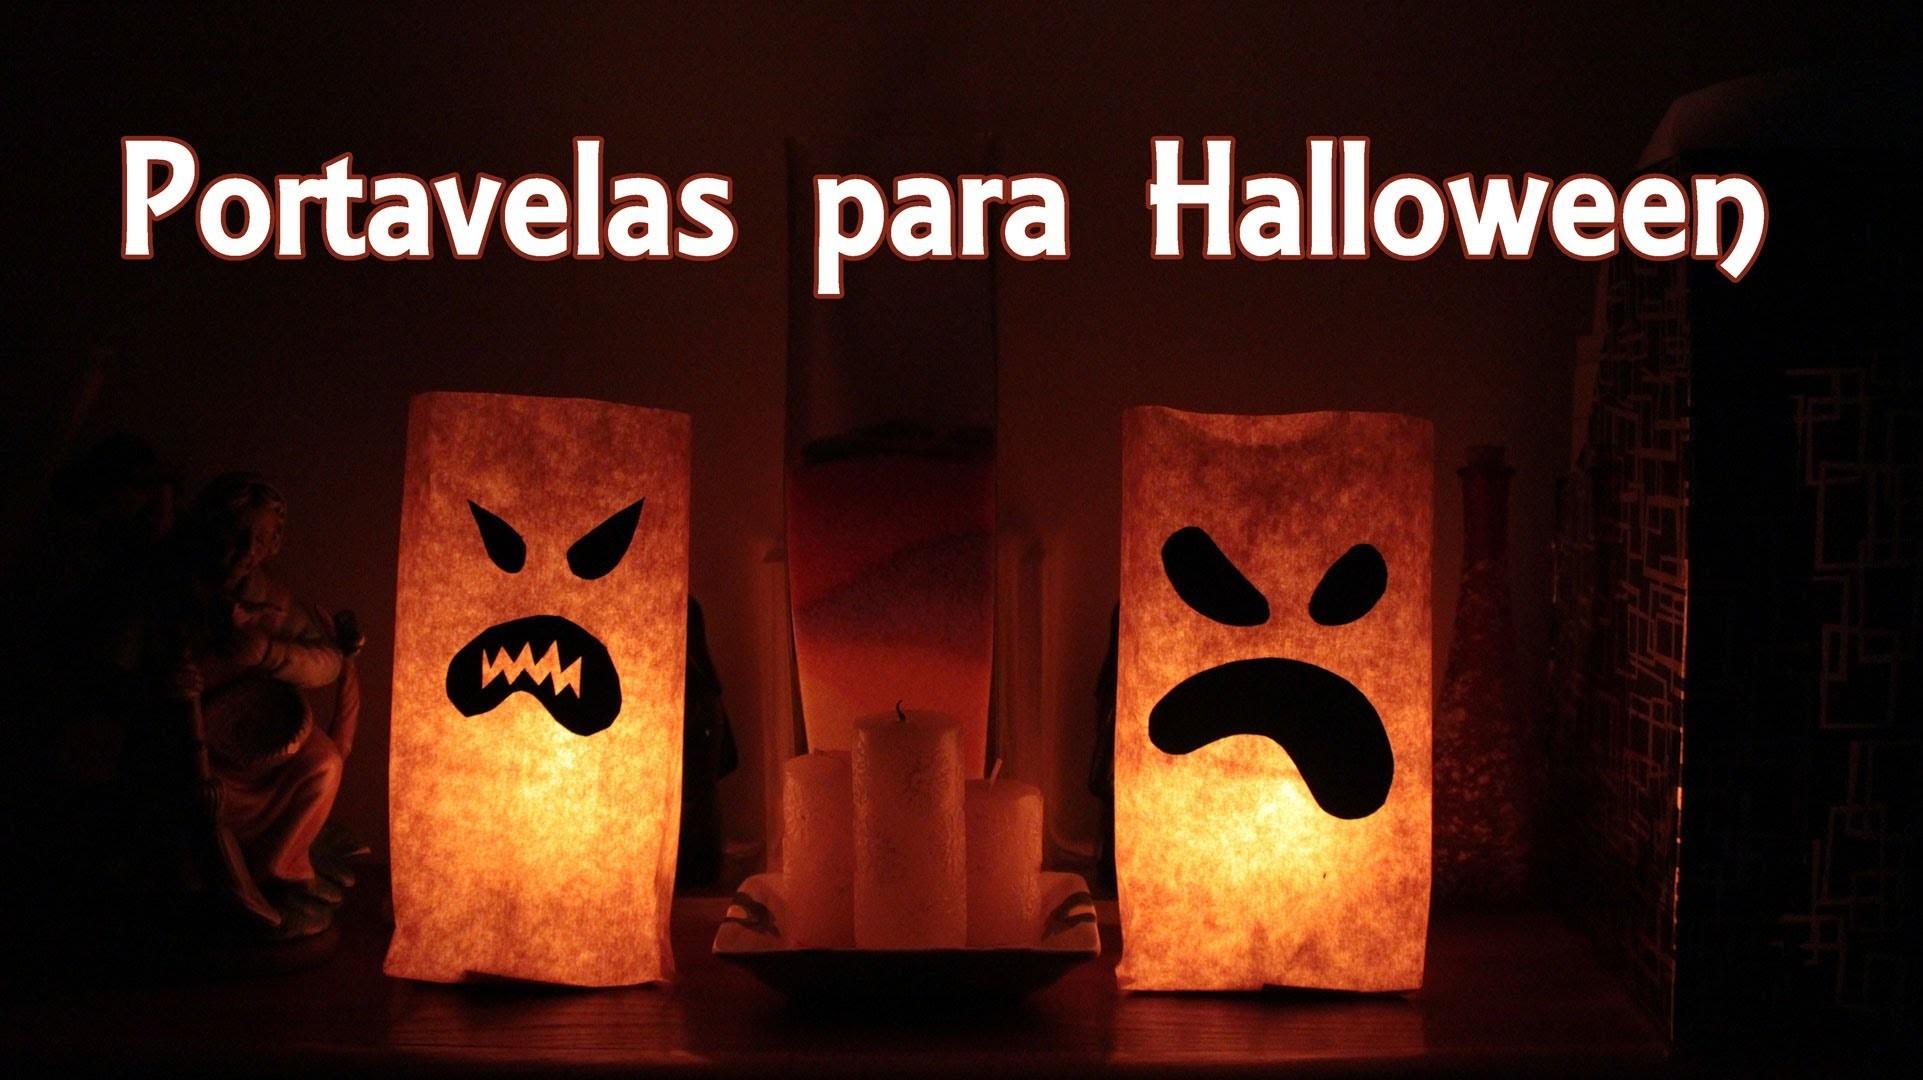 Portavelas para Halloween - Lámparas de Halloween, Manualidades Fáciles